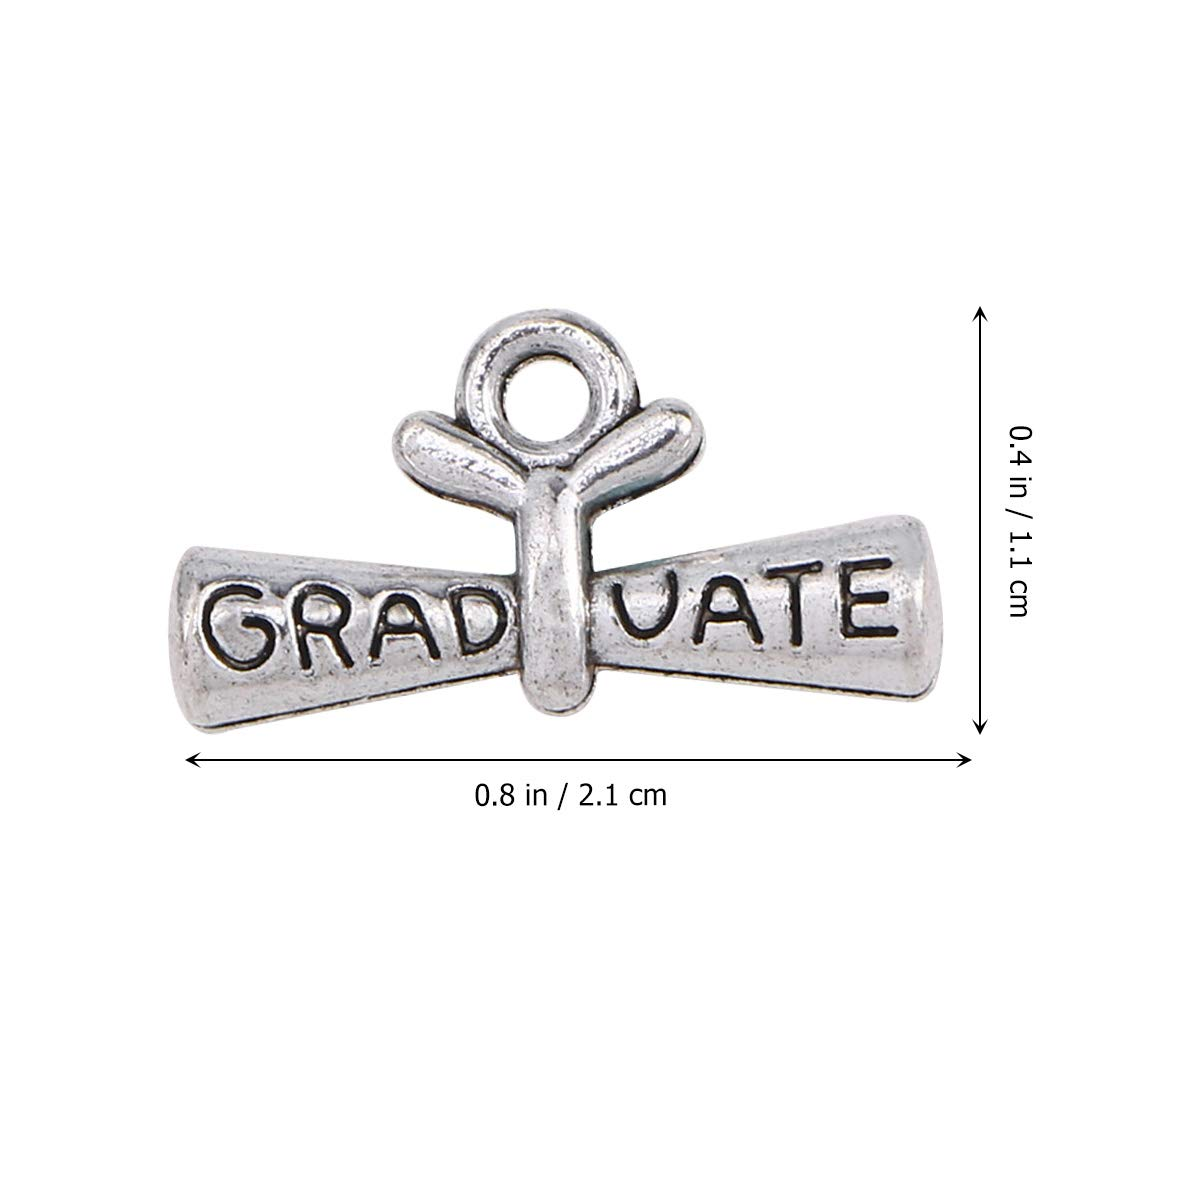 BESTOYARD 100pcs graduaci/ón Charm Colgantes Graduado Colgante Charm con Diploma Colgante graduaci/ón Colgante de Regalo para Pulseras Llavero Collar joyer/ía decoraci/ón